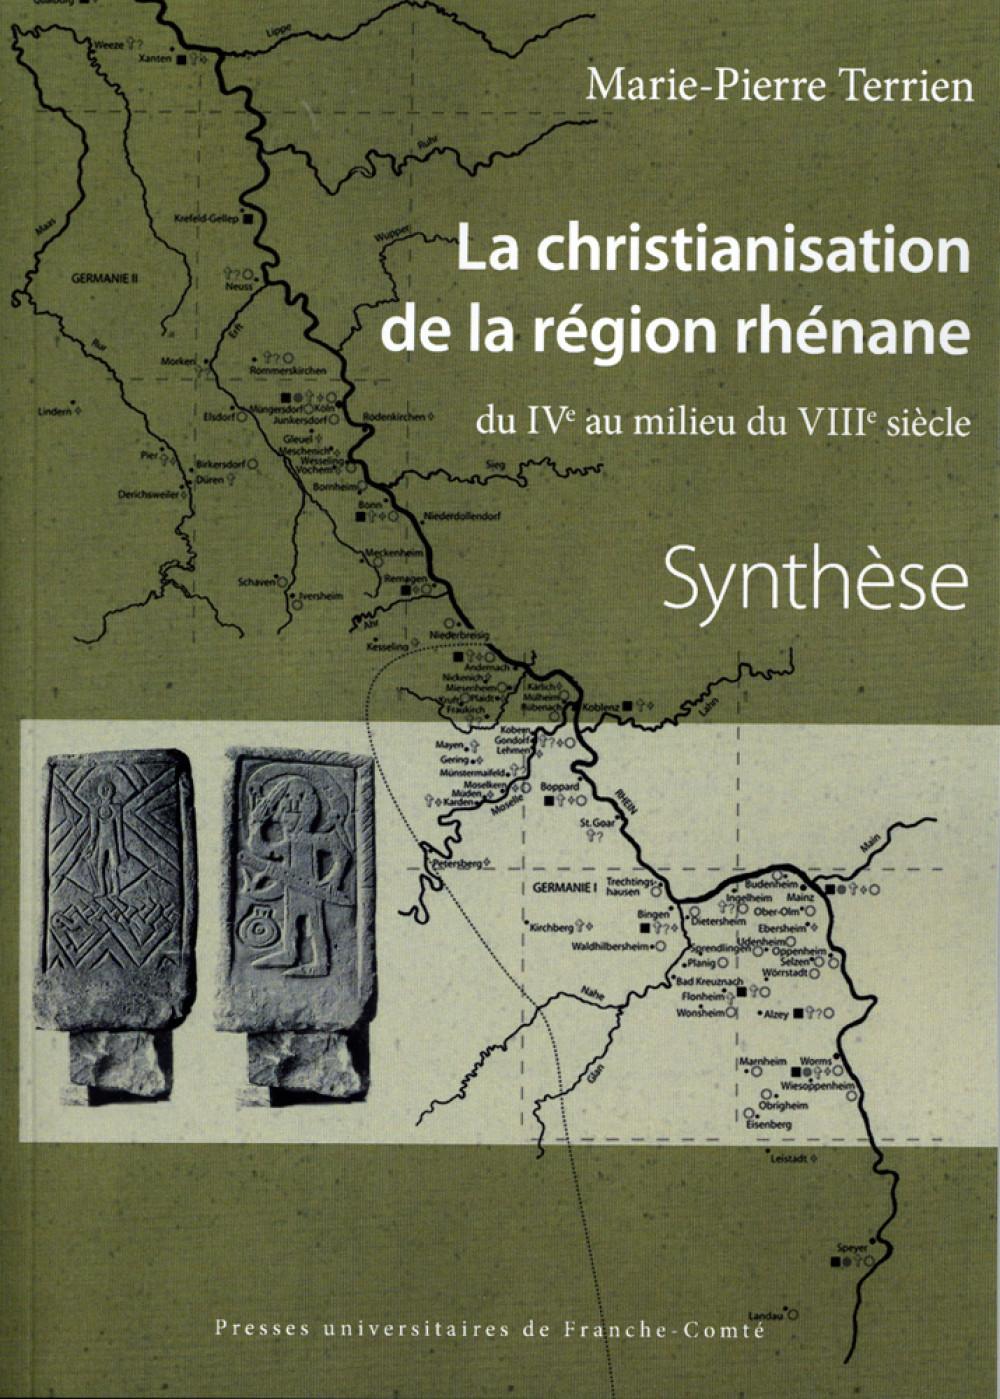 La christianisation de la région rhénane <br> Du IV<sup>e</sup> au milieu du VIII<sup>e</sup> siècle <br> 2 volumes : Synthèse et Corpus